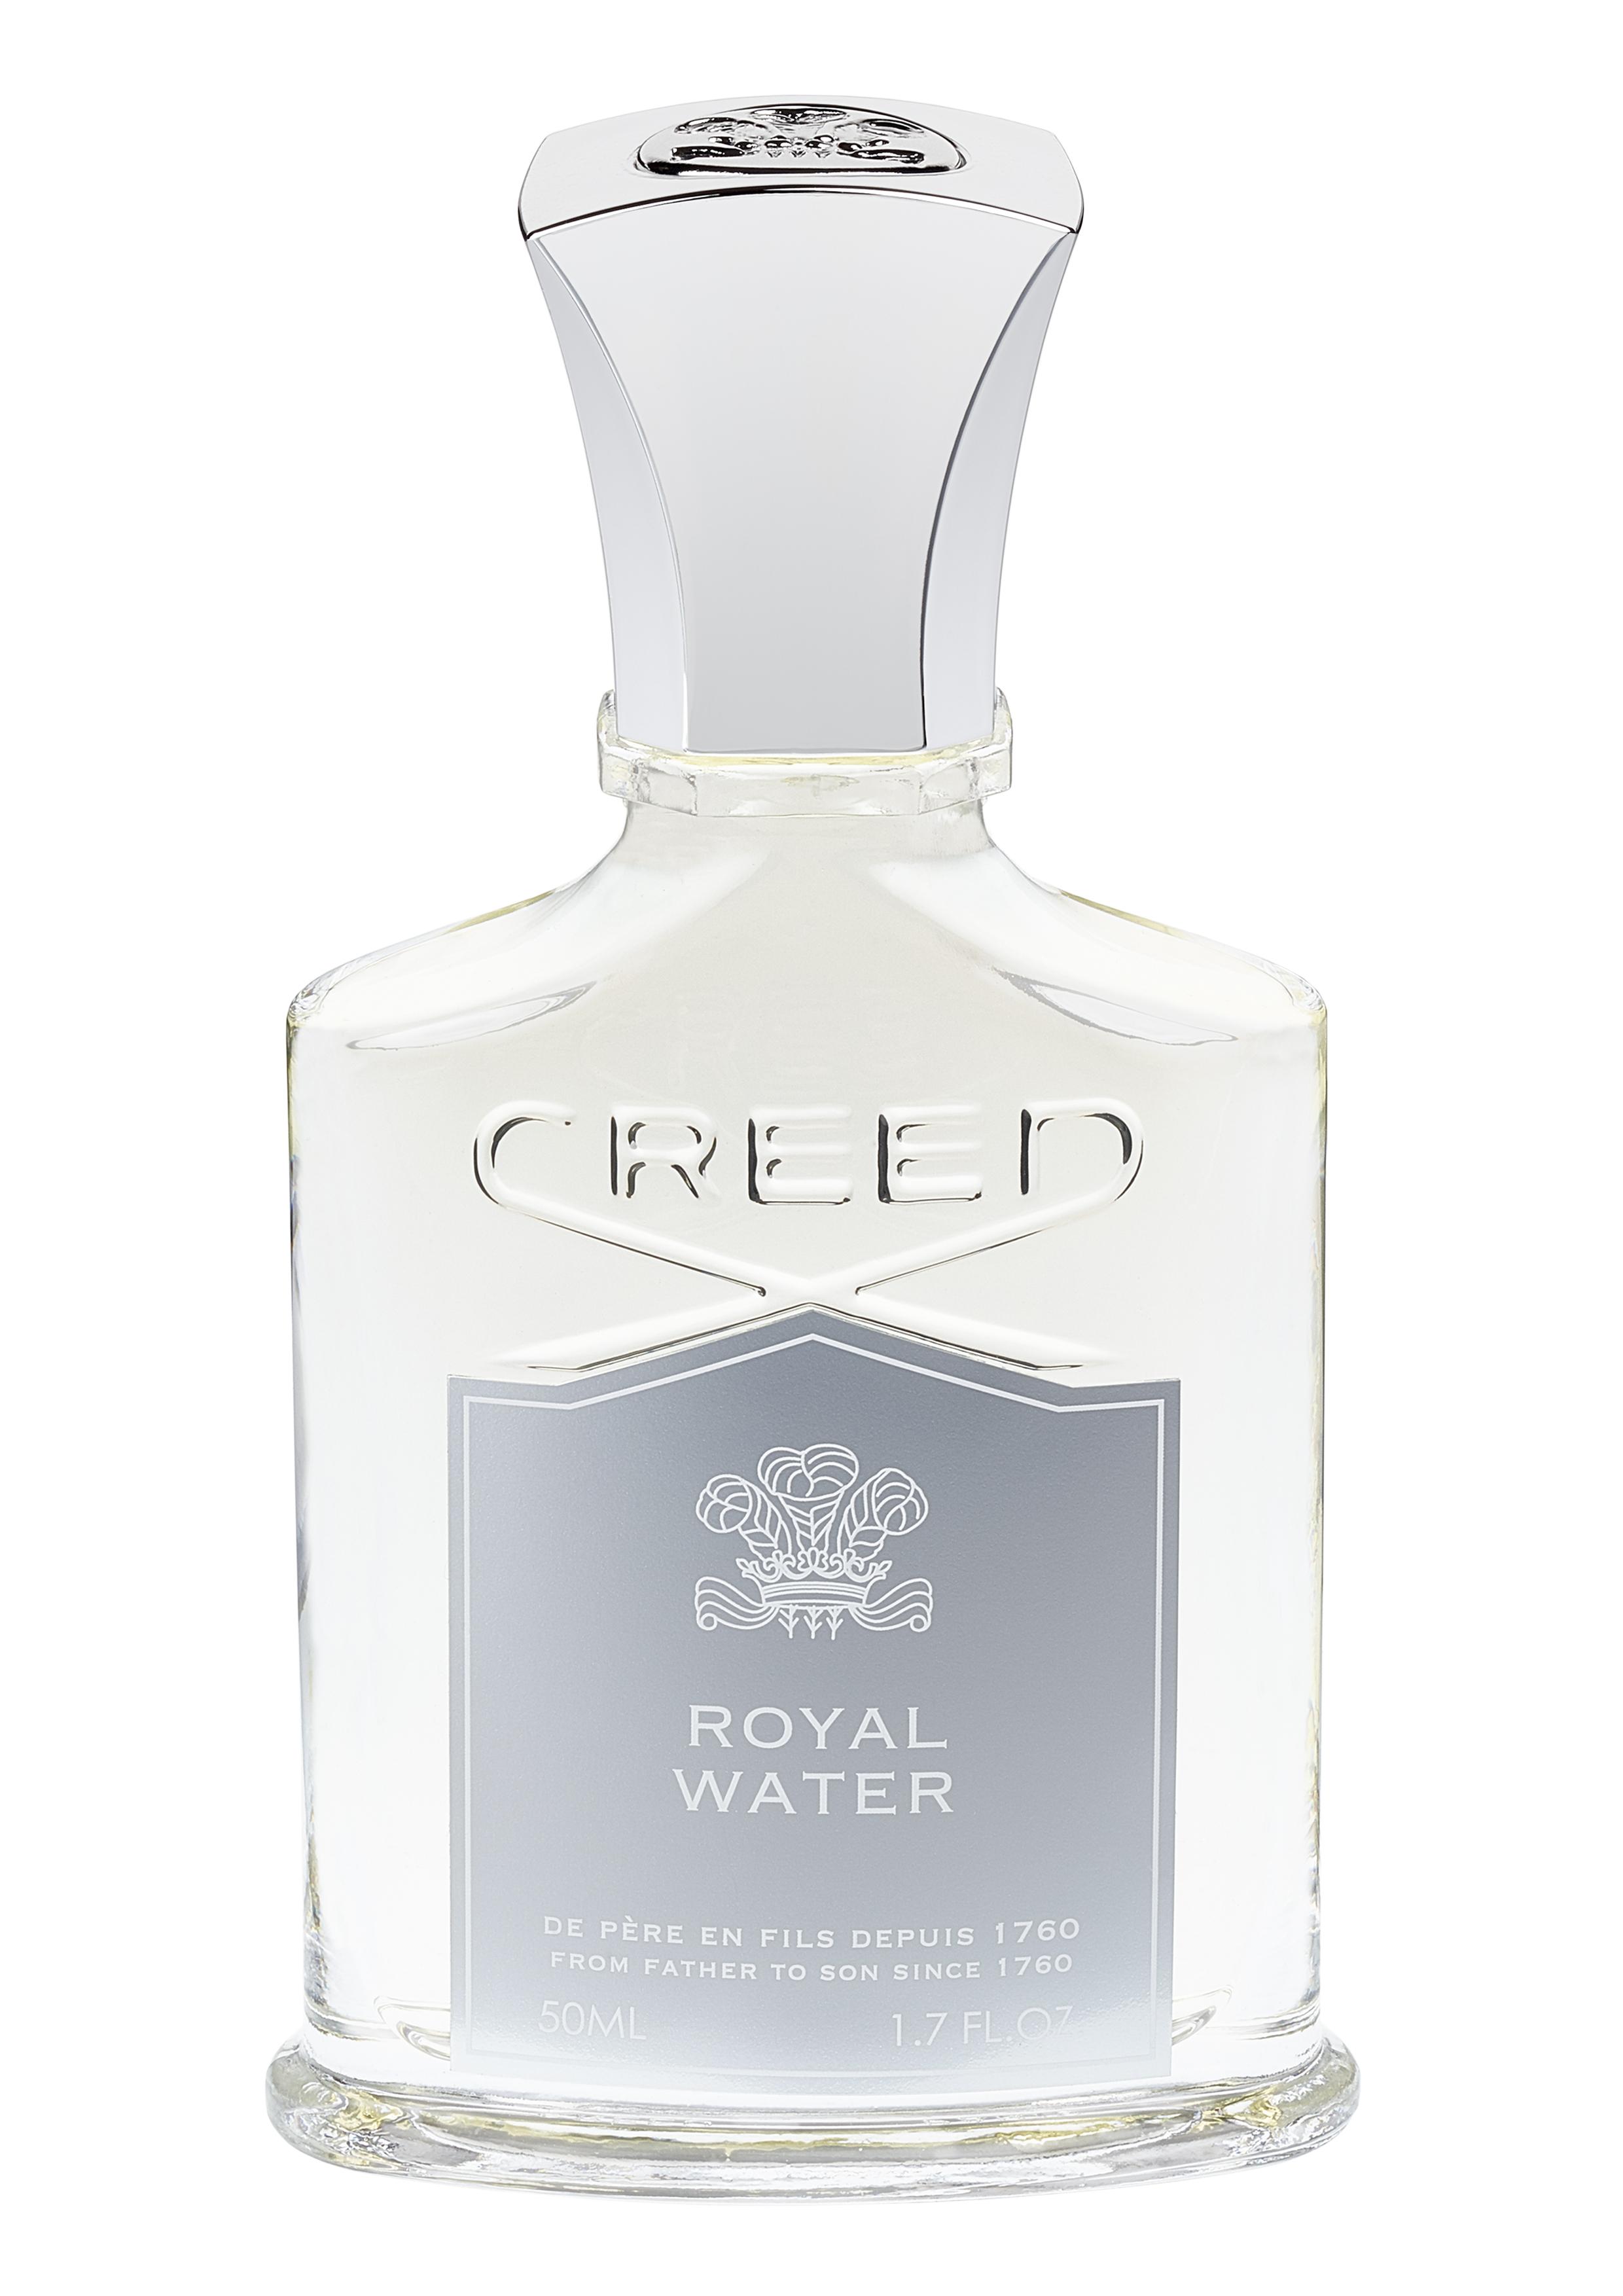 Royal Water